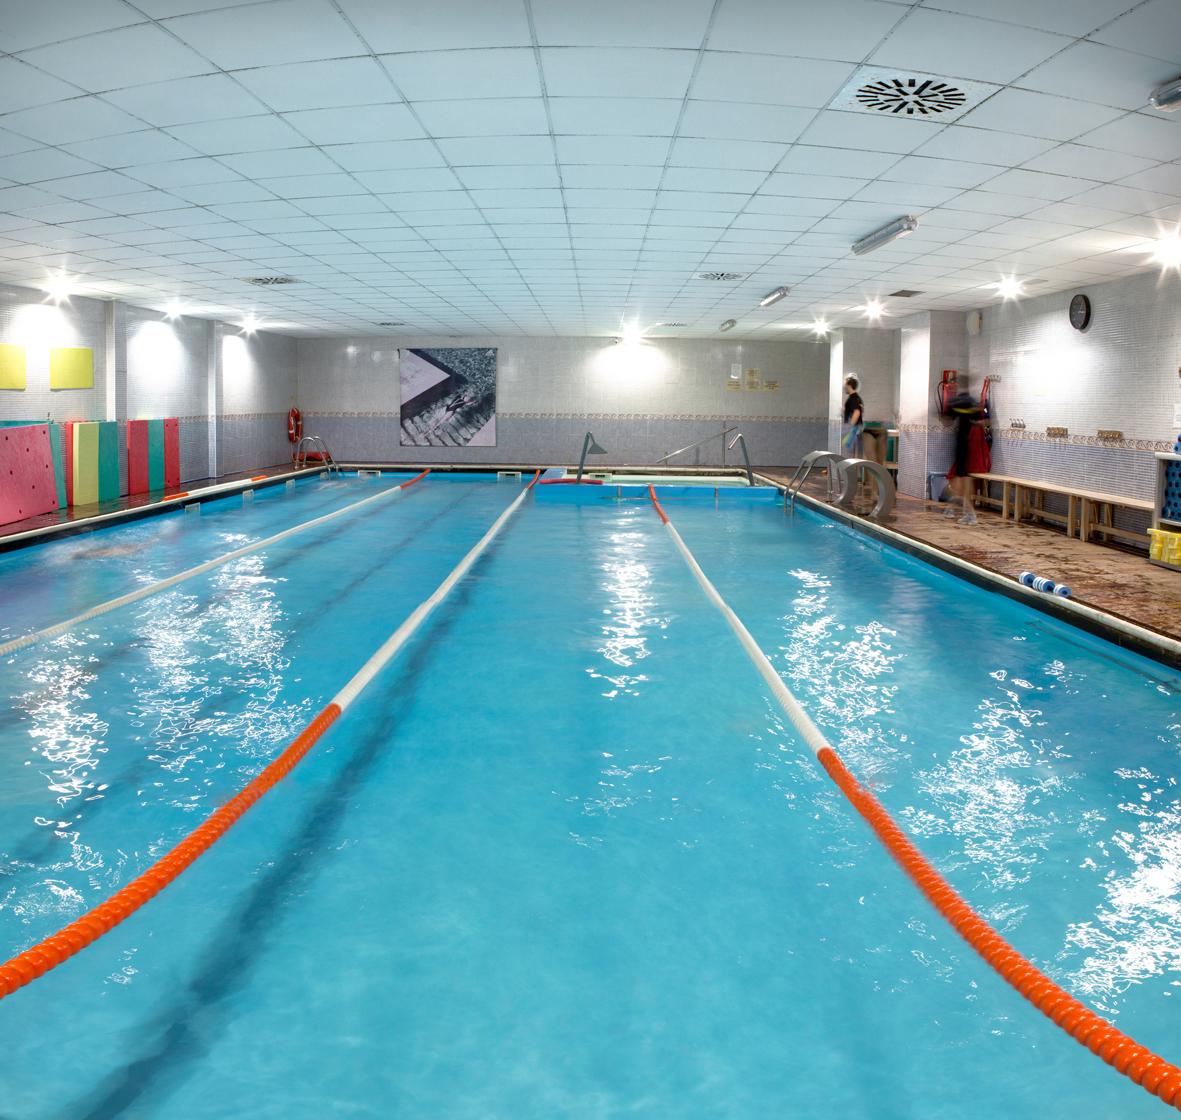 Galeria gimnasio zaragoza body factory - Gimnasio con piscina zaragoza ...